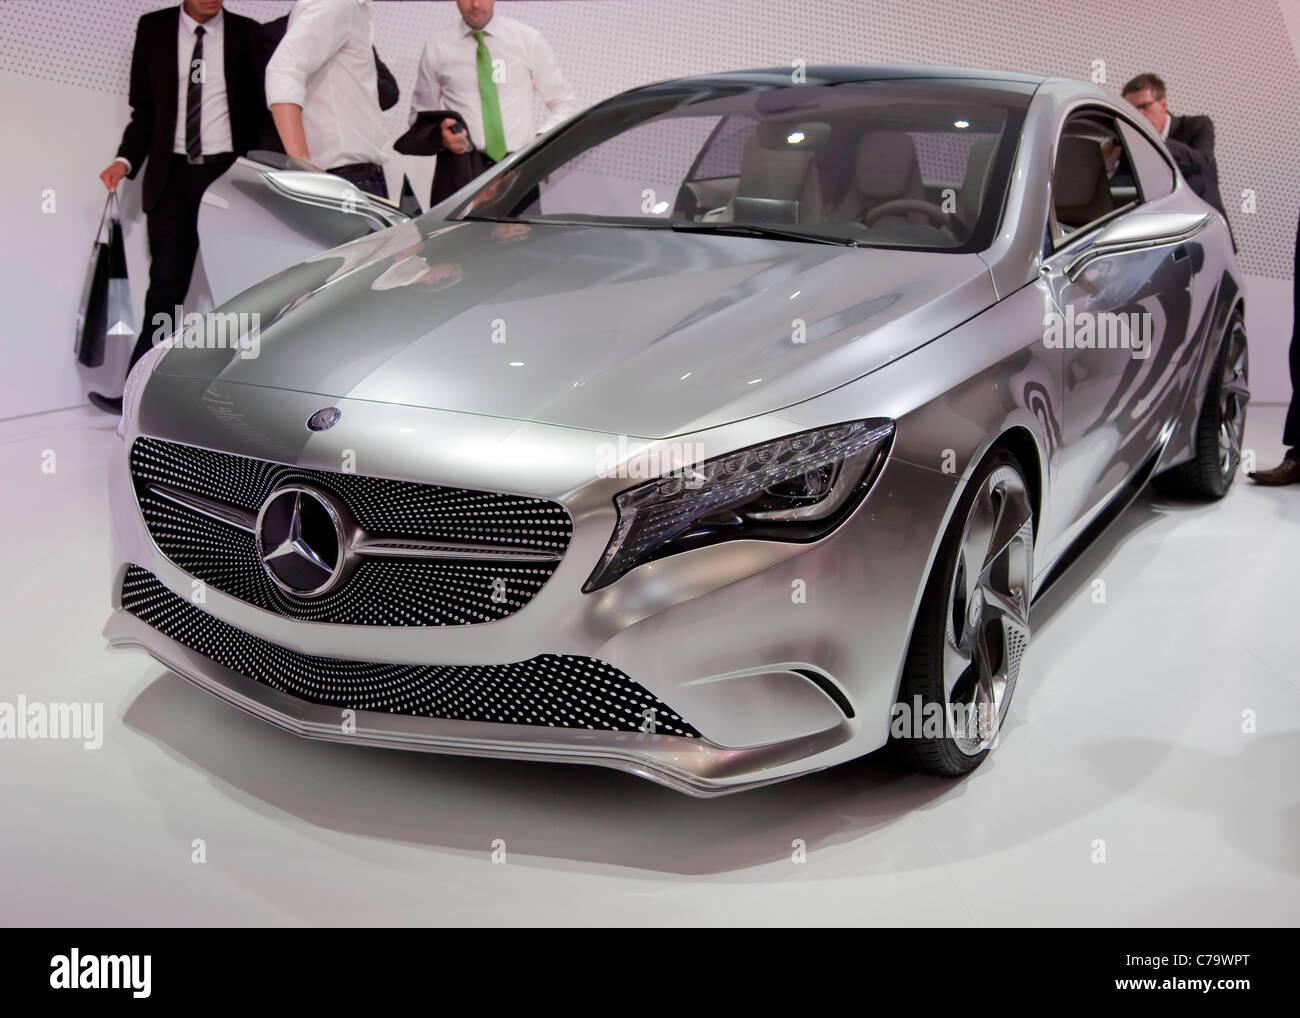 Nuevo Mercedes Benz Clase-un concepto sobre el IAA 2011 Salón Internacional del Automóvil de Frankfurt Imagen De Stock